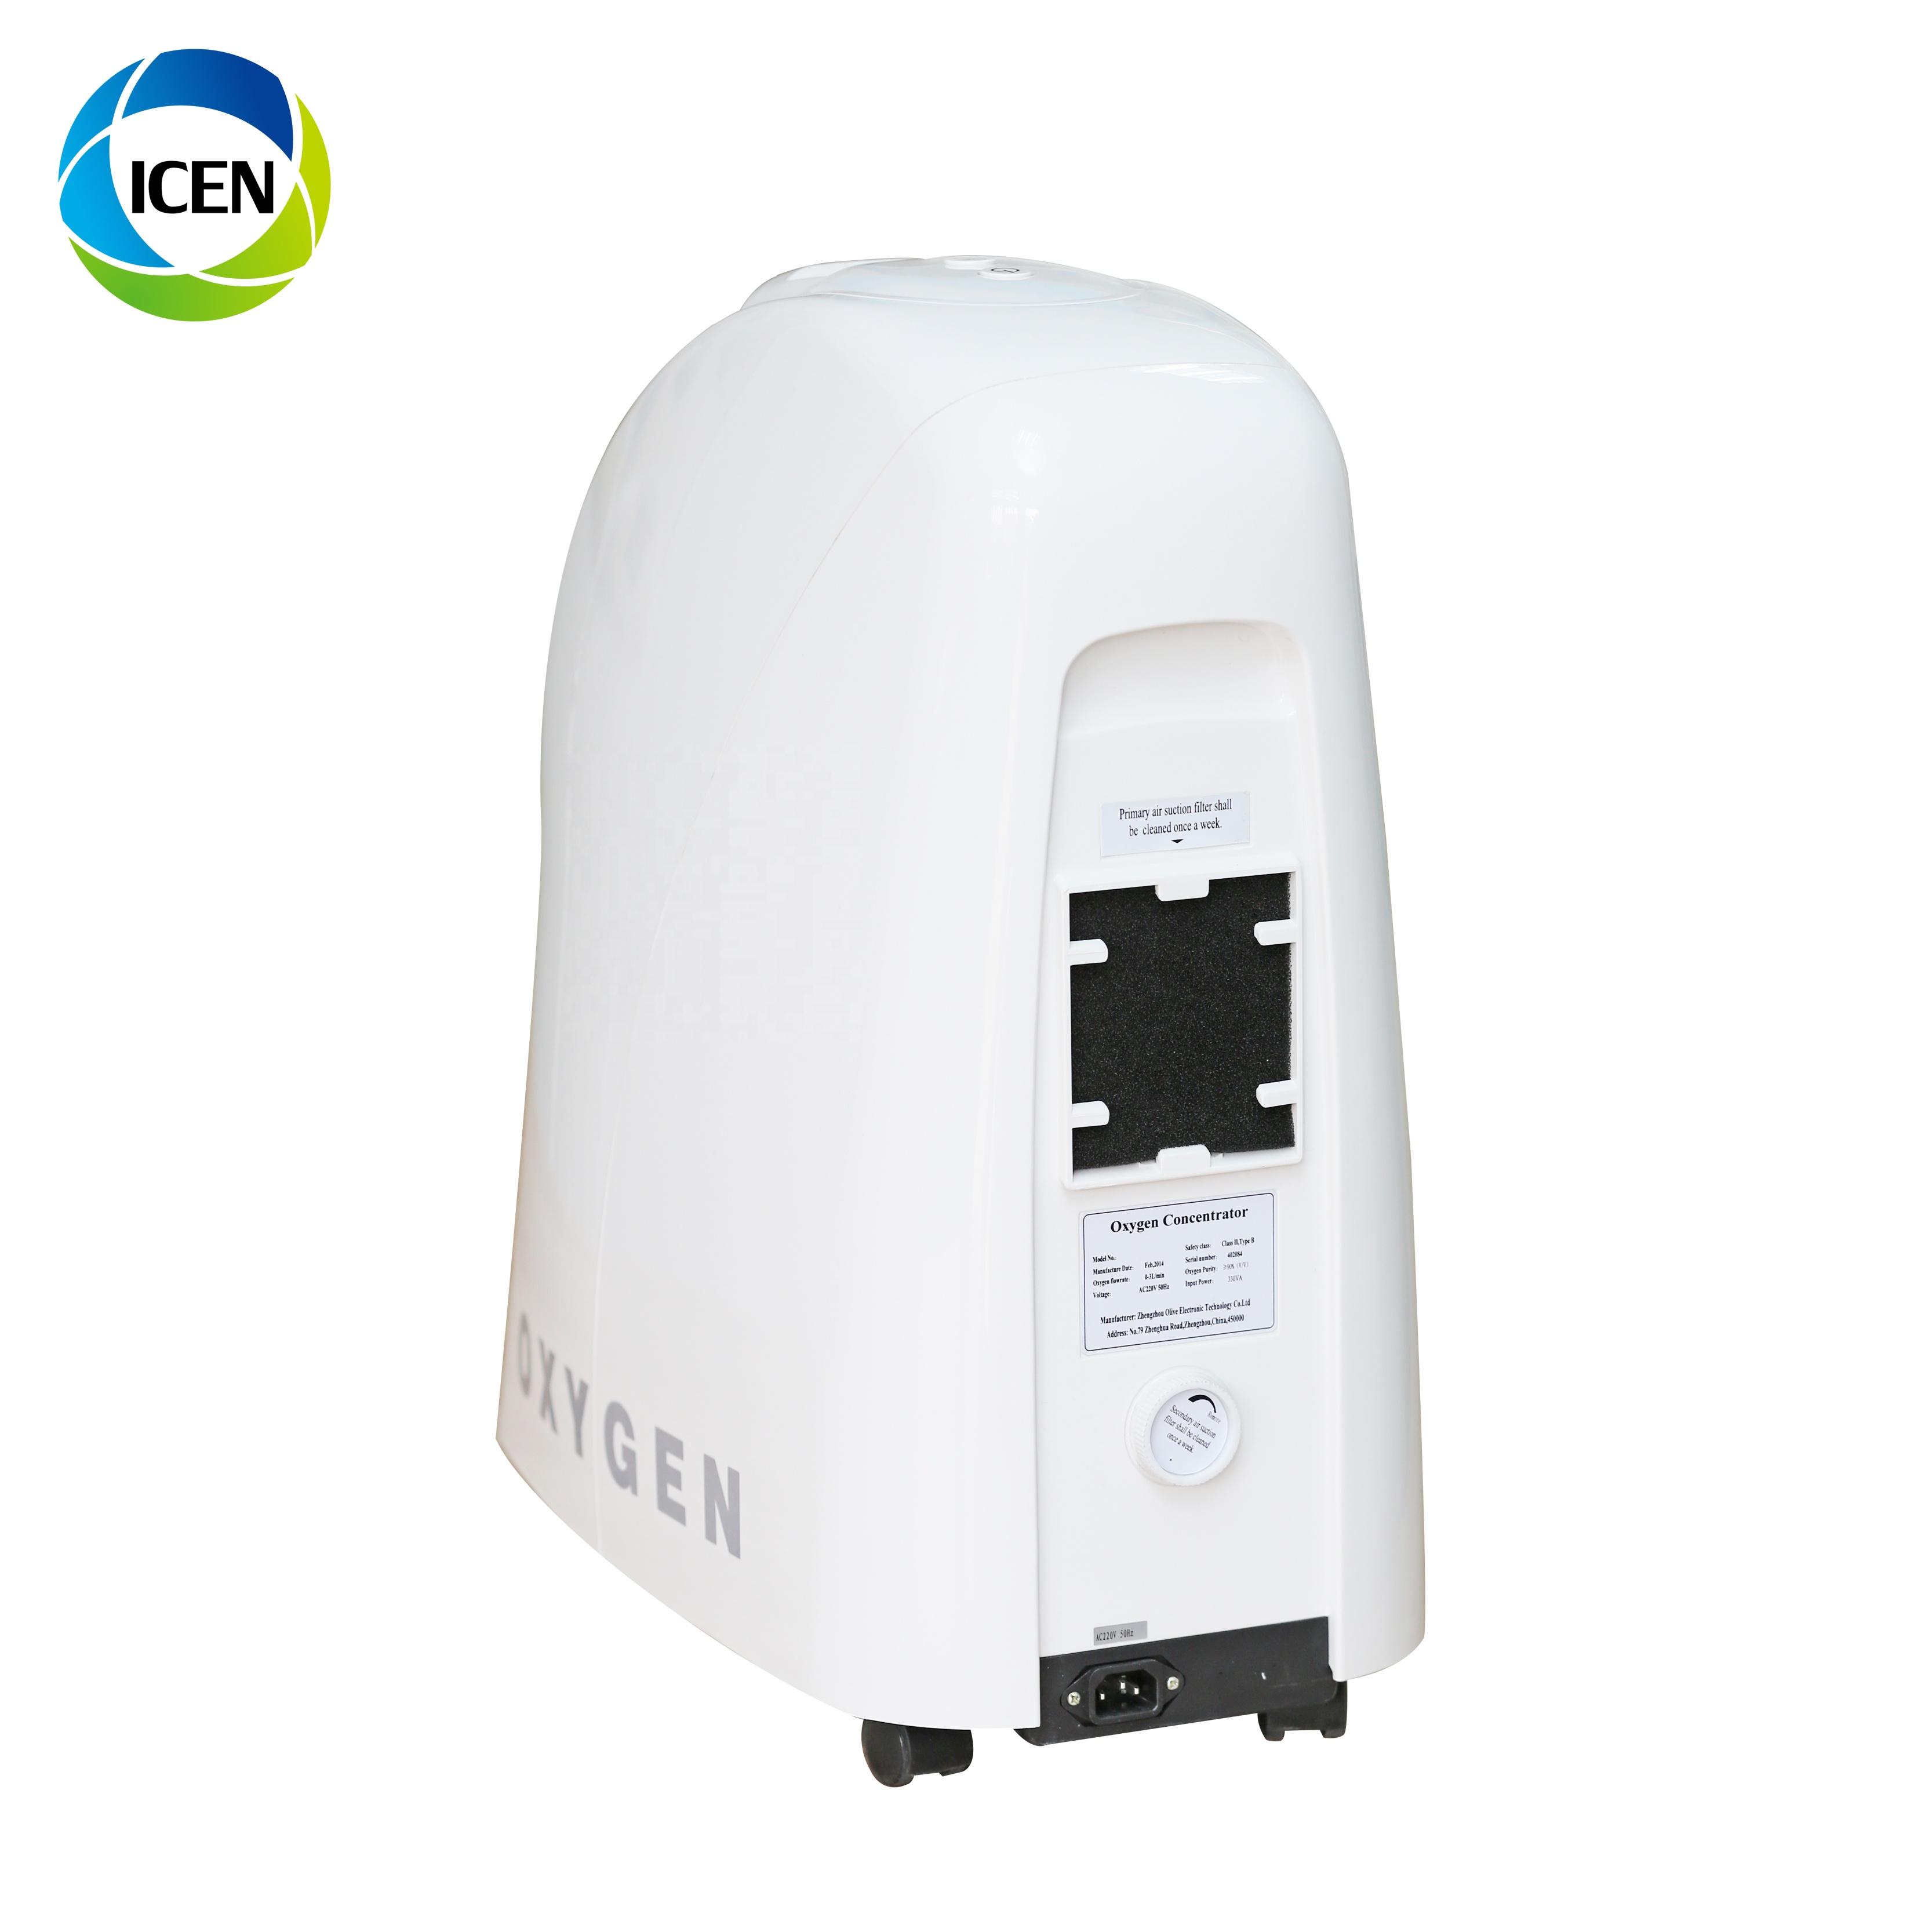 IN-I5 портативный медицинский параболический концентратор кислорода 93% медицинский концентратор кислорода, низкие цены